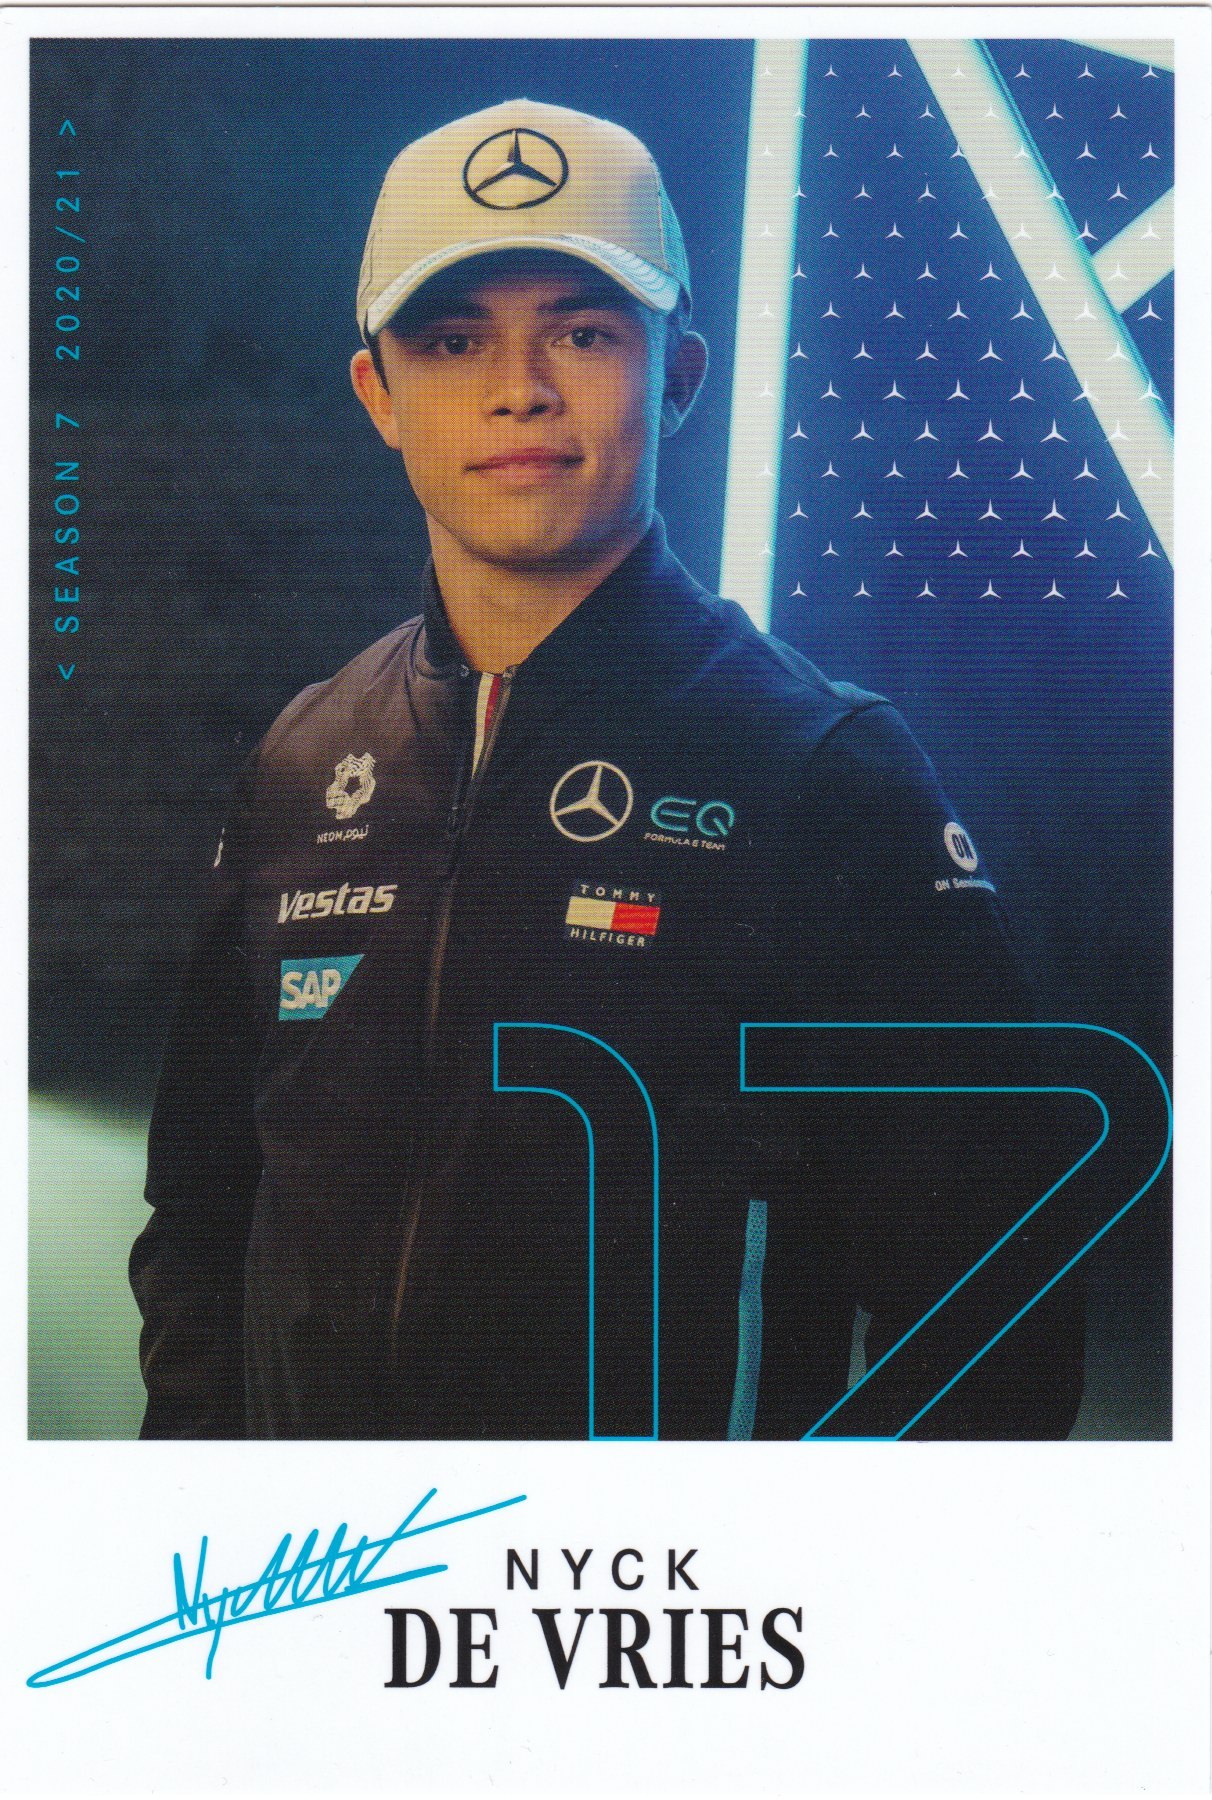 Nyck de Vries Mercedes FE 2020-2021